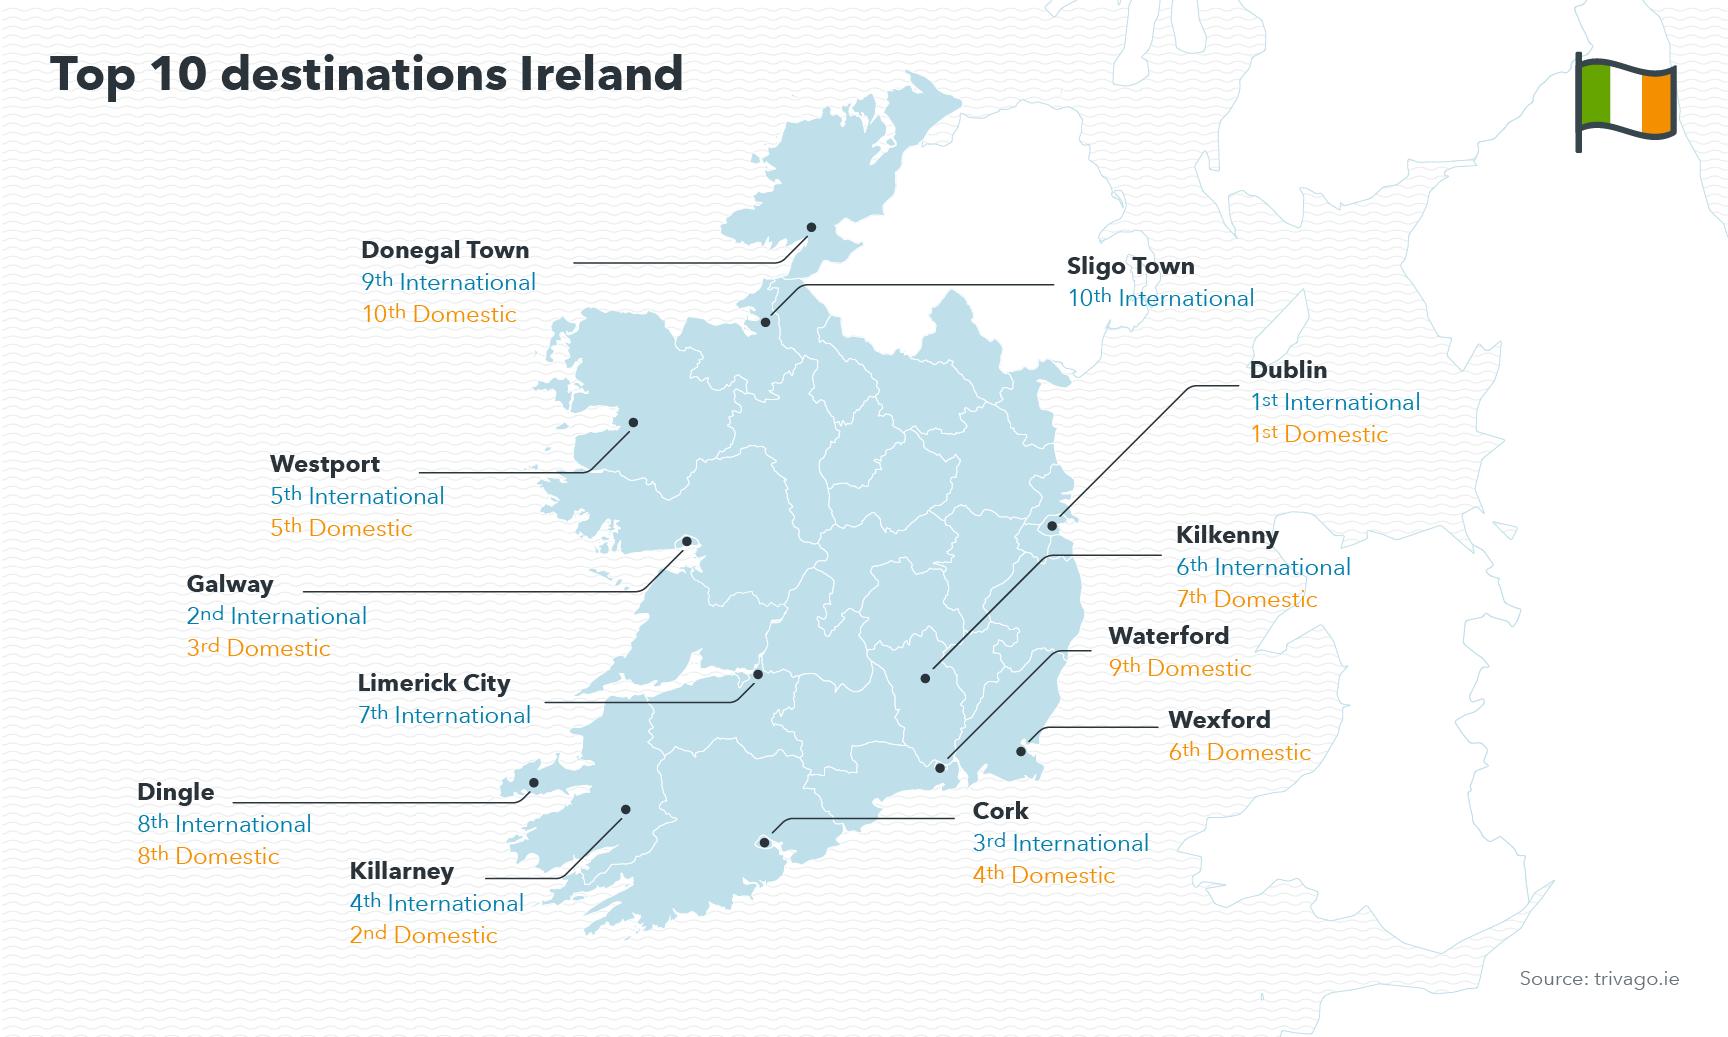 Map showing top ten destinations in Ireland